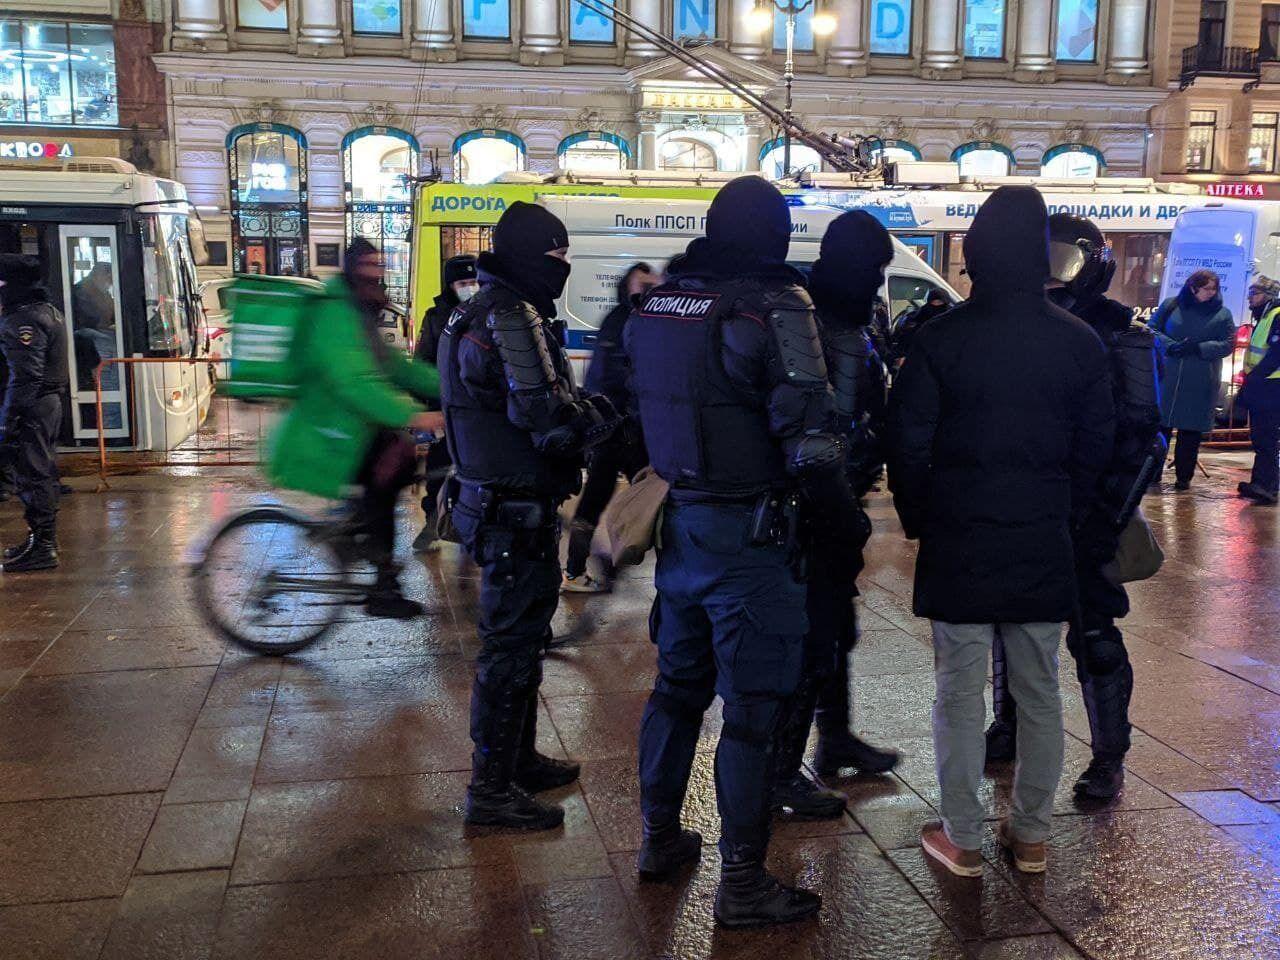 Задержание людей в Москве.